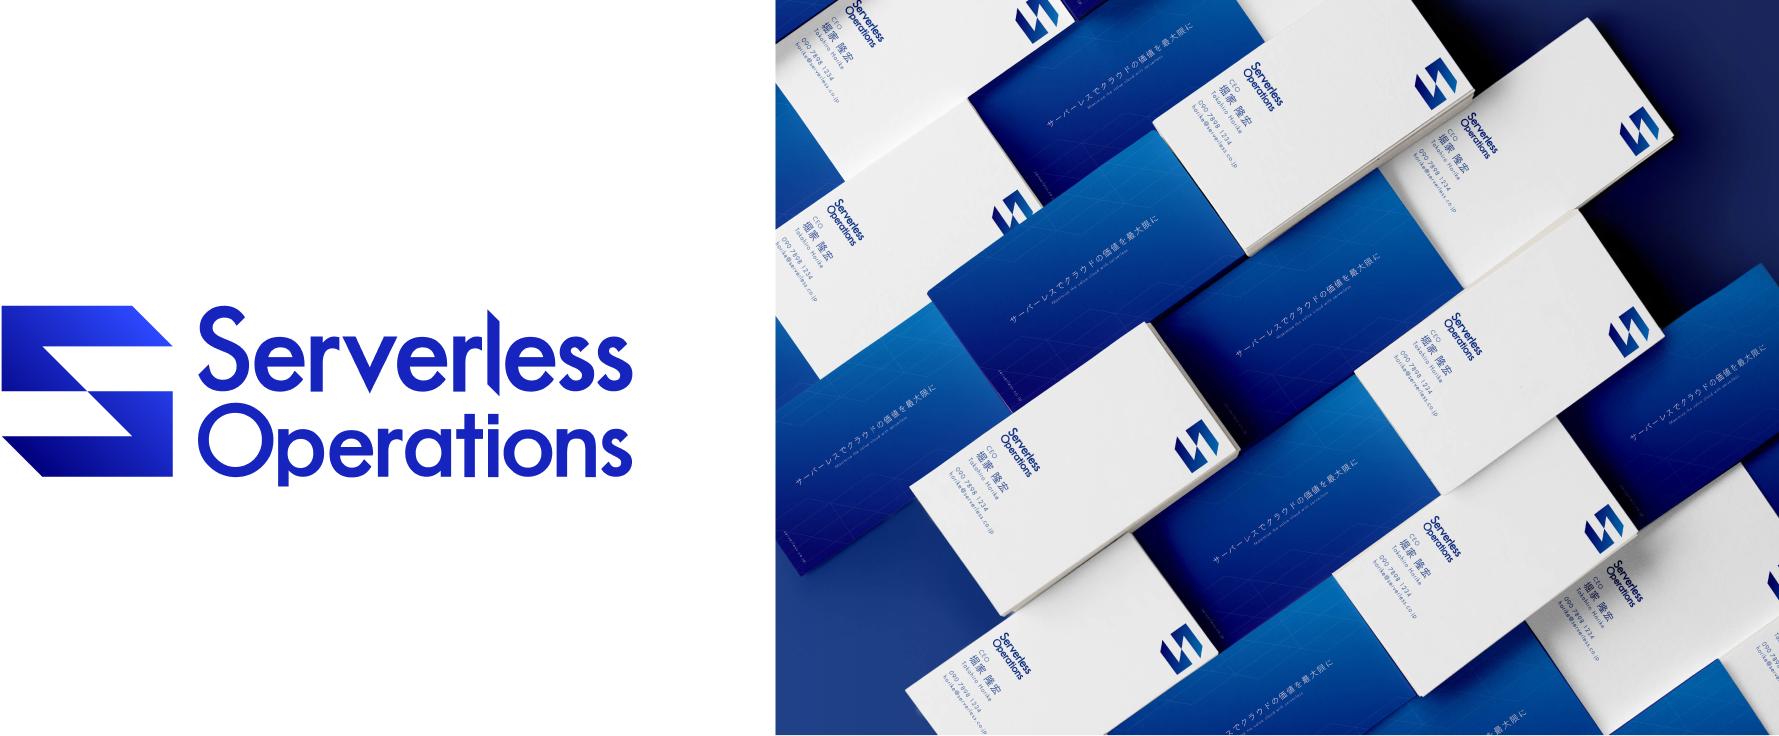 株式会社Serverless Operationsのコーポレートロゴと名刺の画像